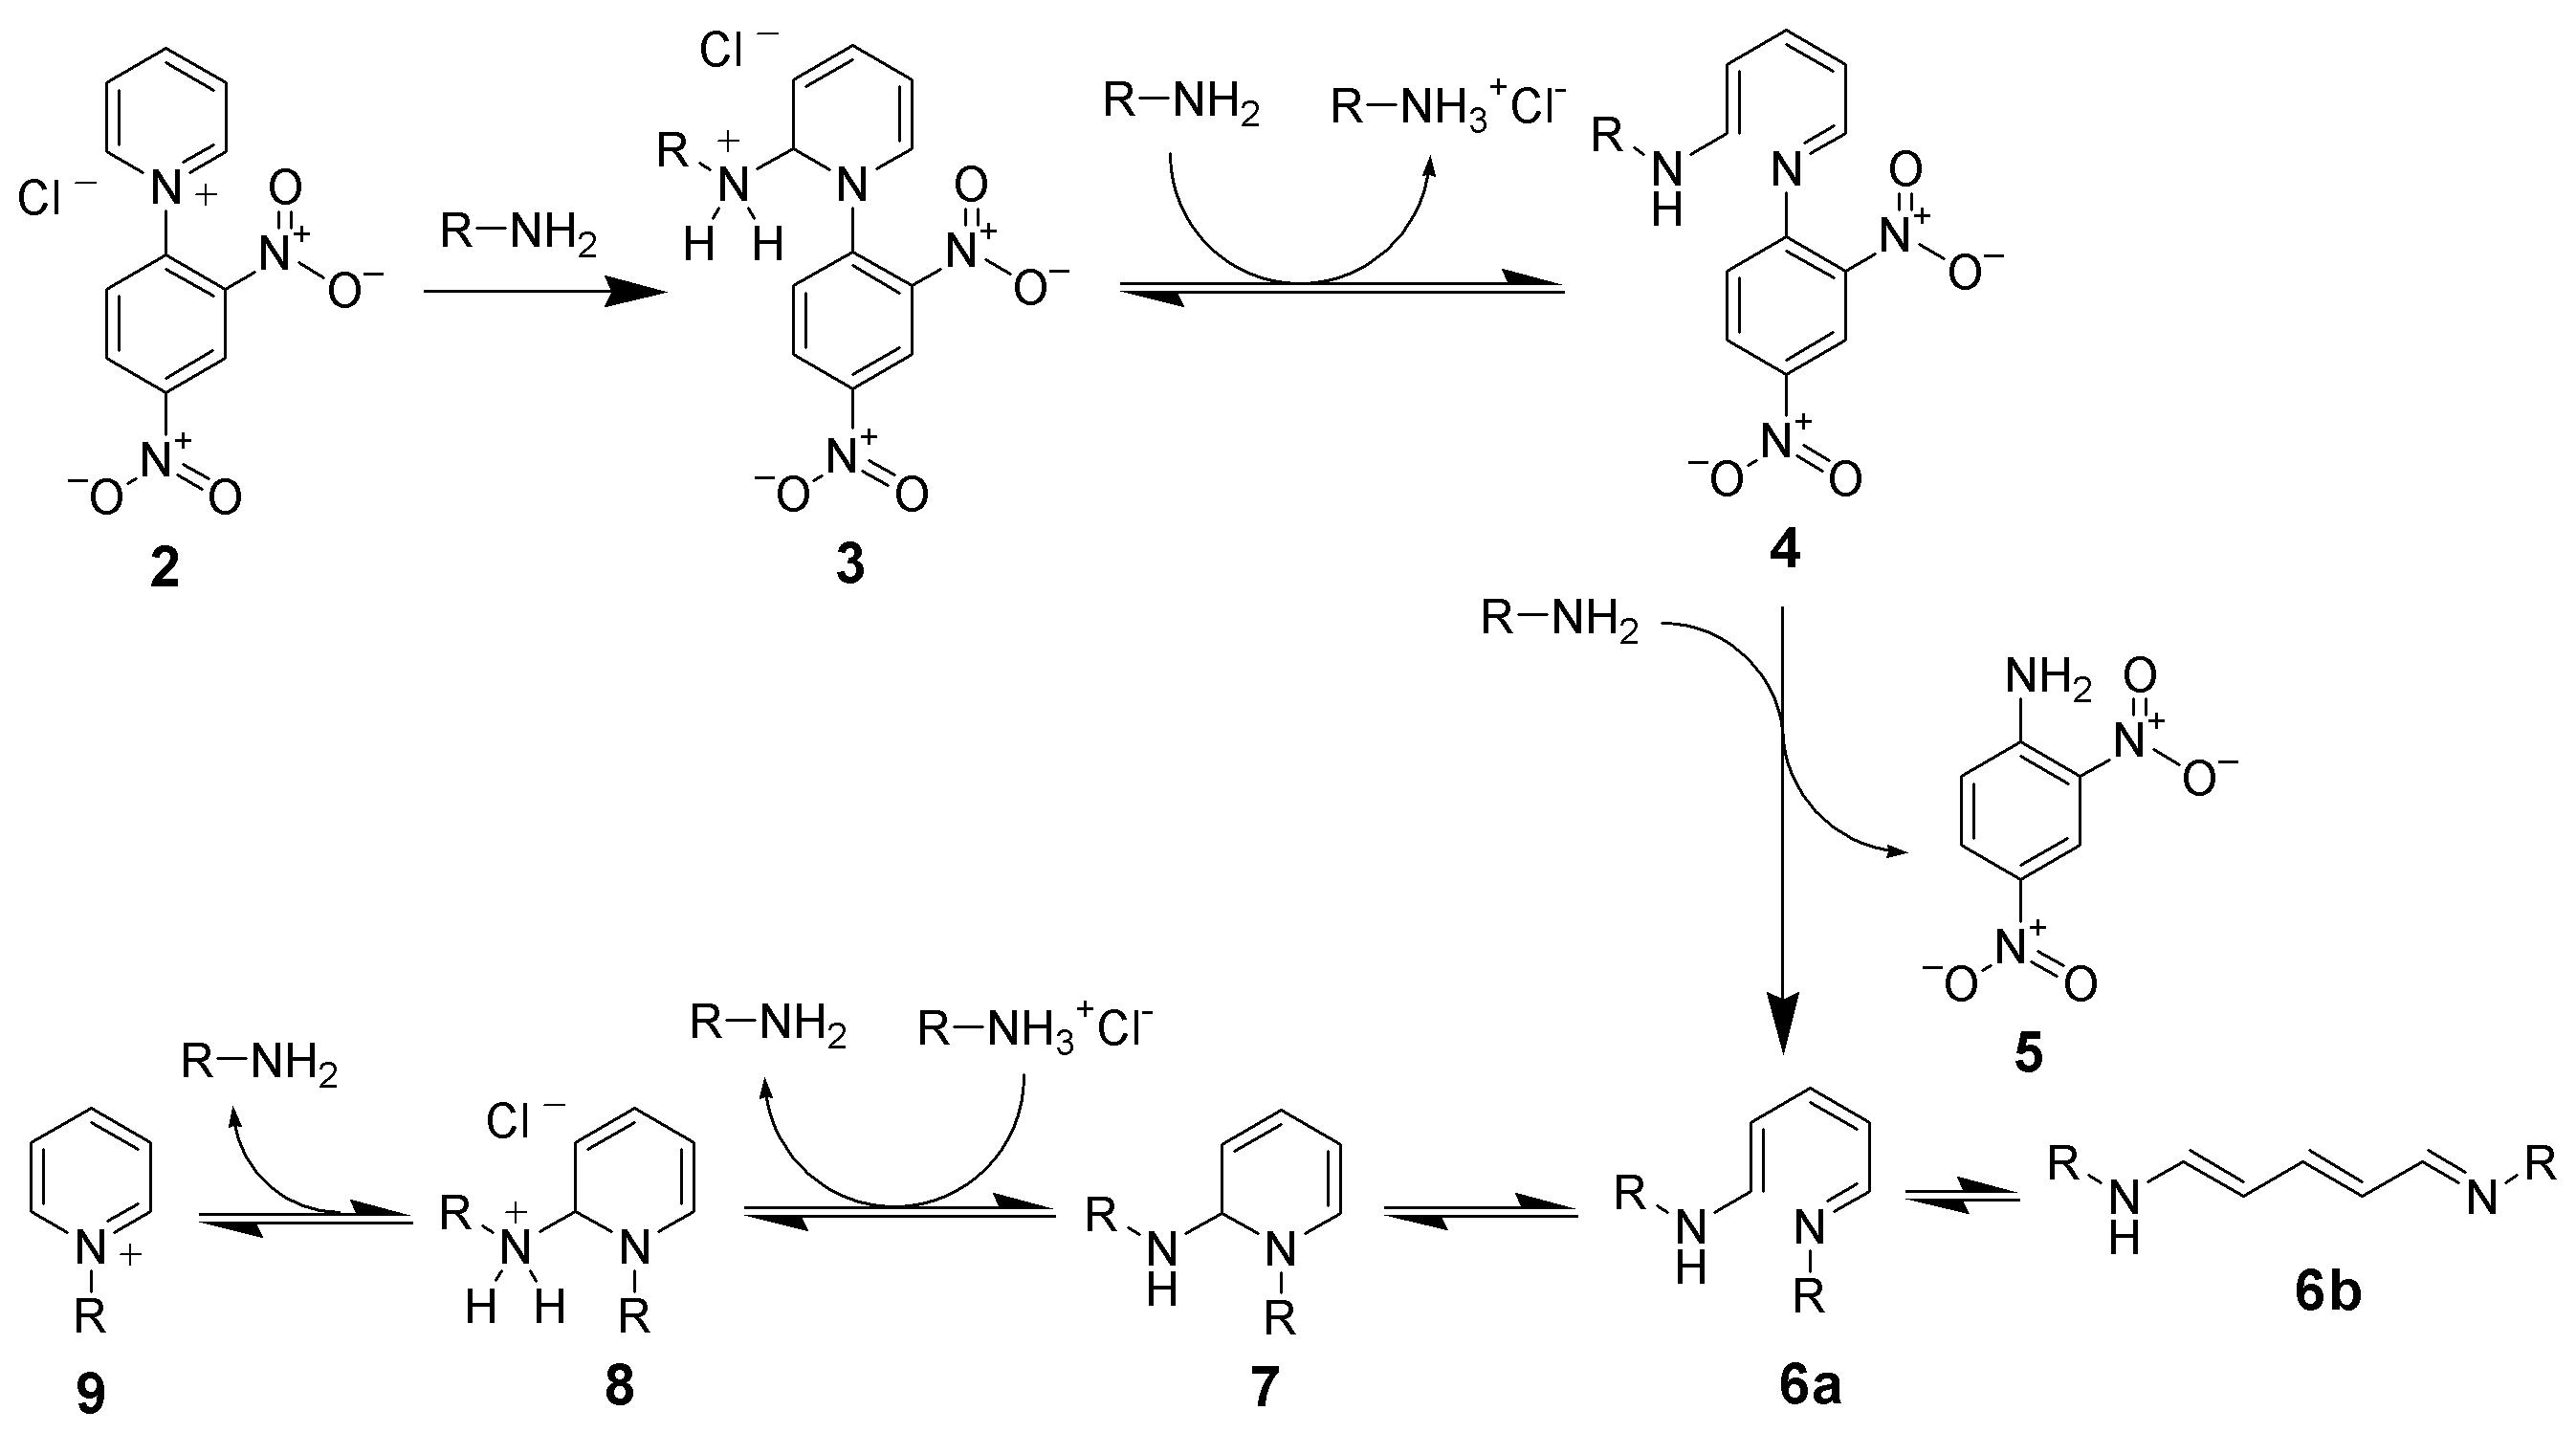 The mechanism of the Zincke reaction